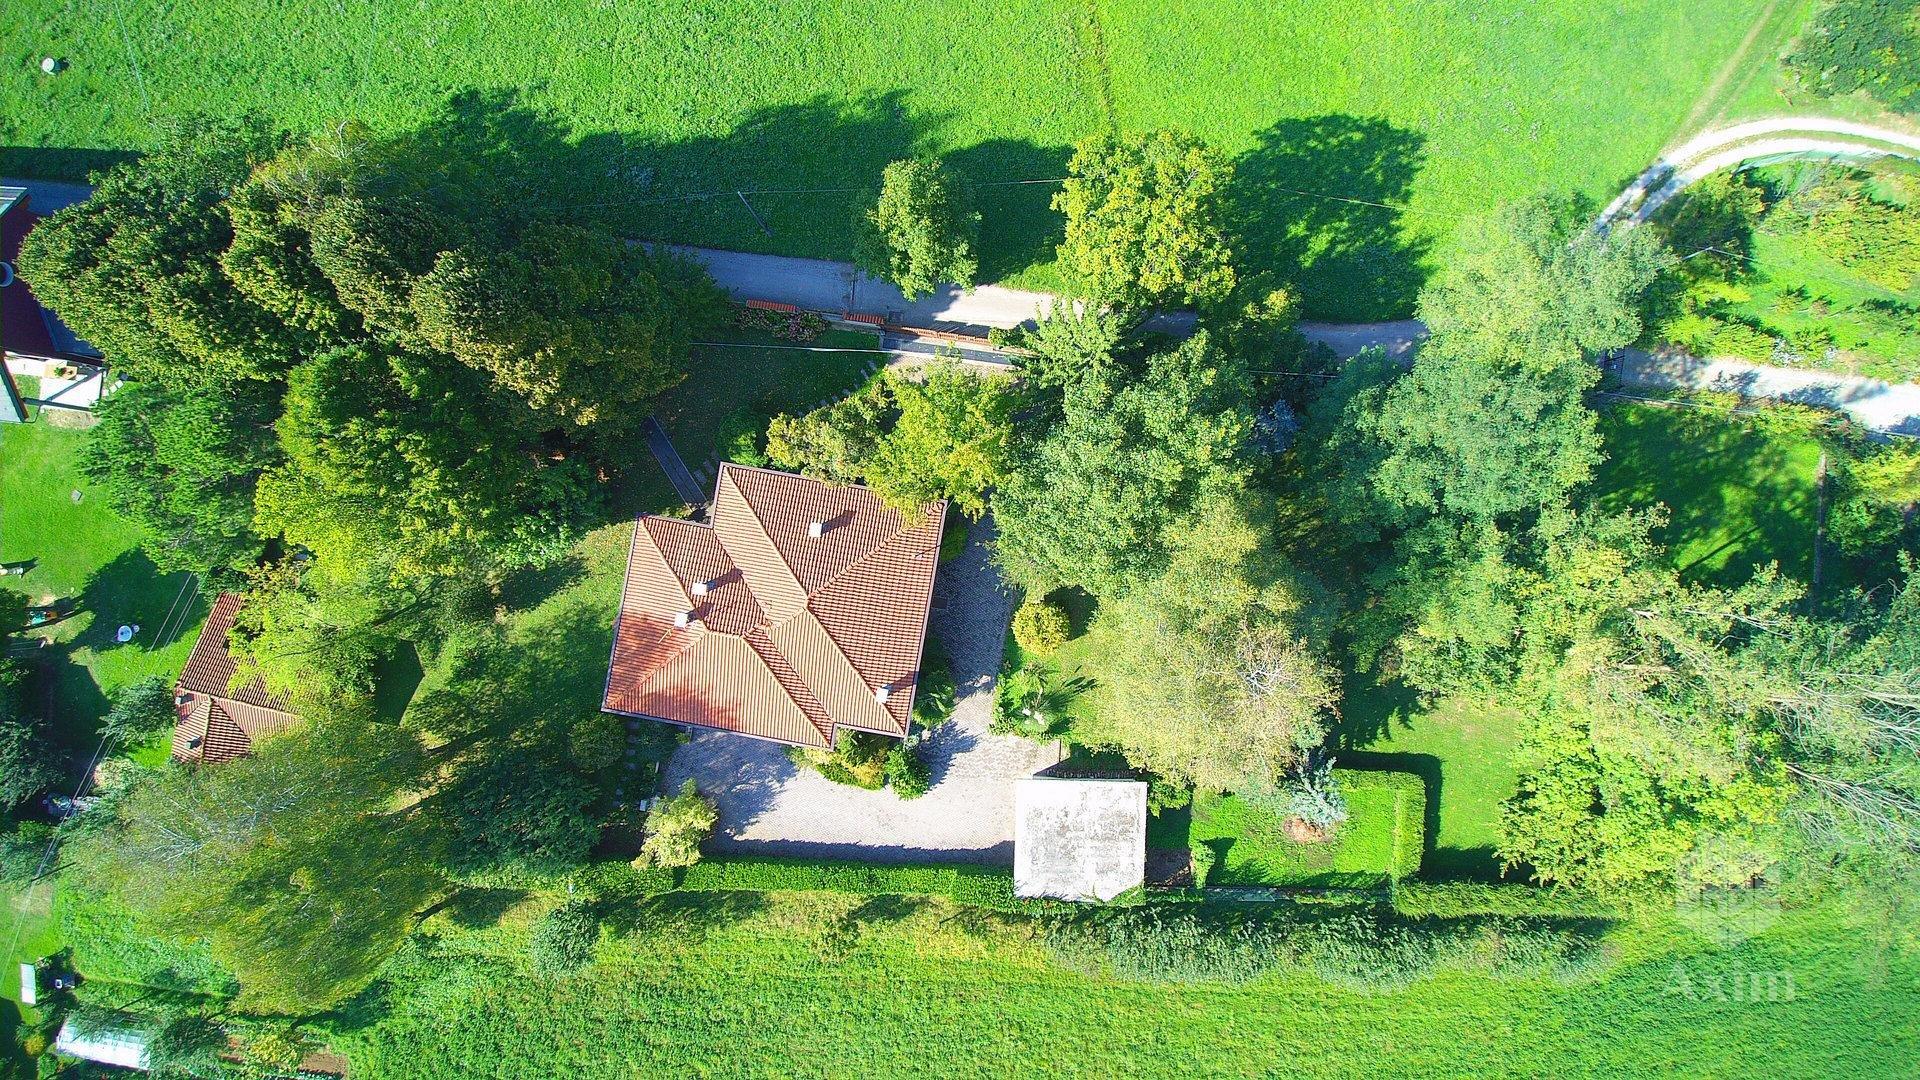 Villetta in campagna a pochi km dal centro di Caraglio